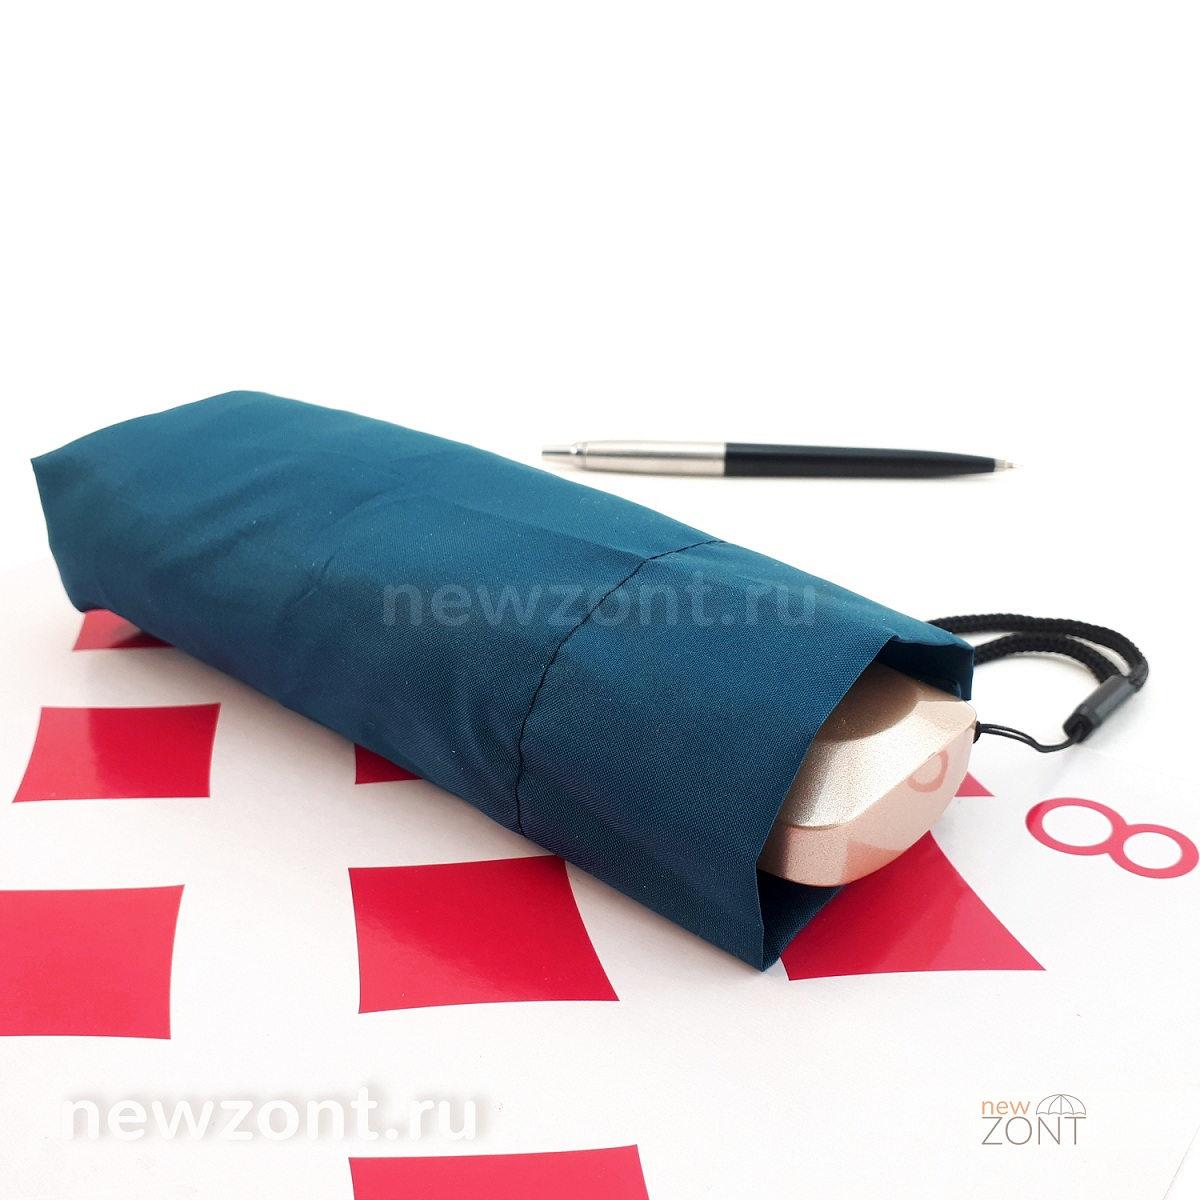 Плоский мини зонт АртРейн 5311